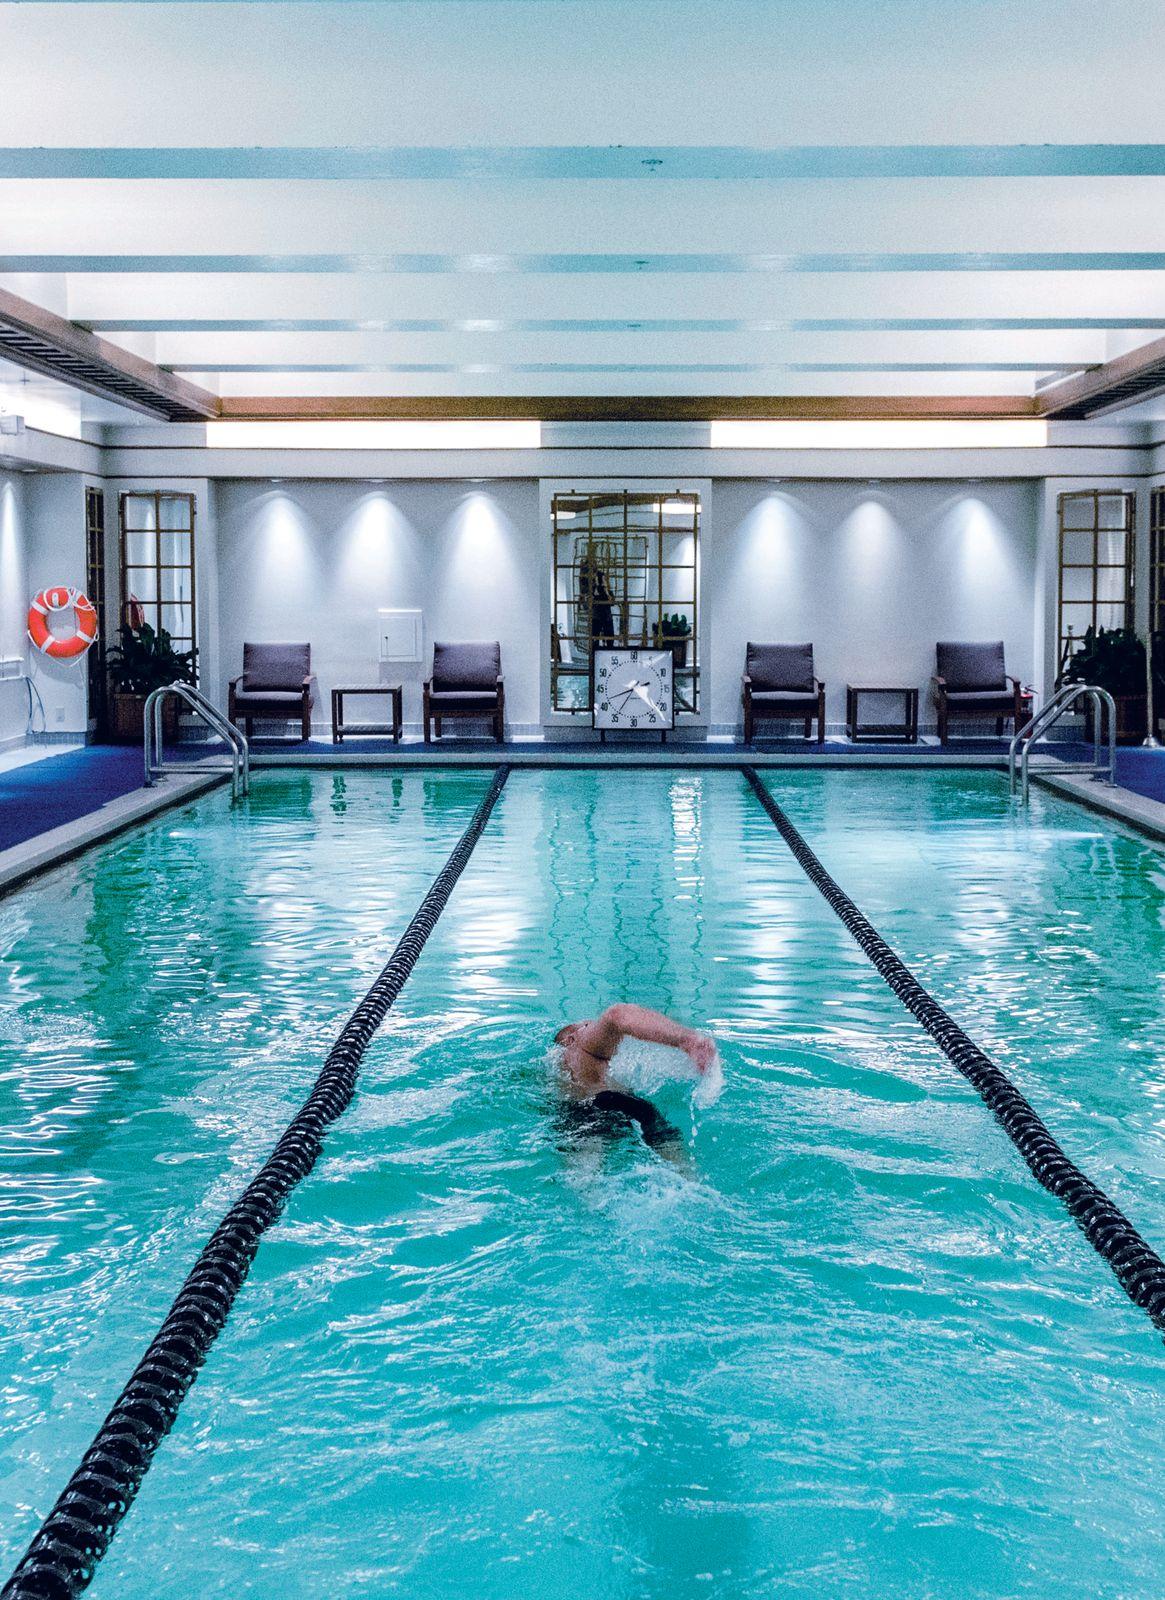 3 lane swimming pool